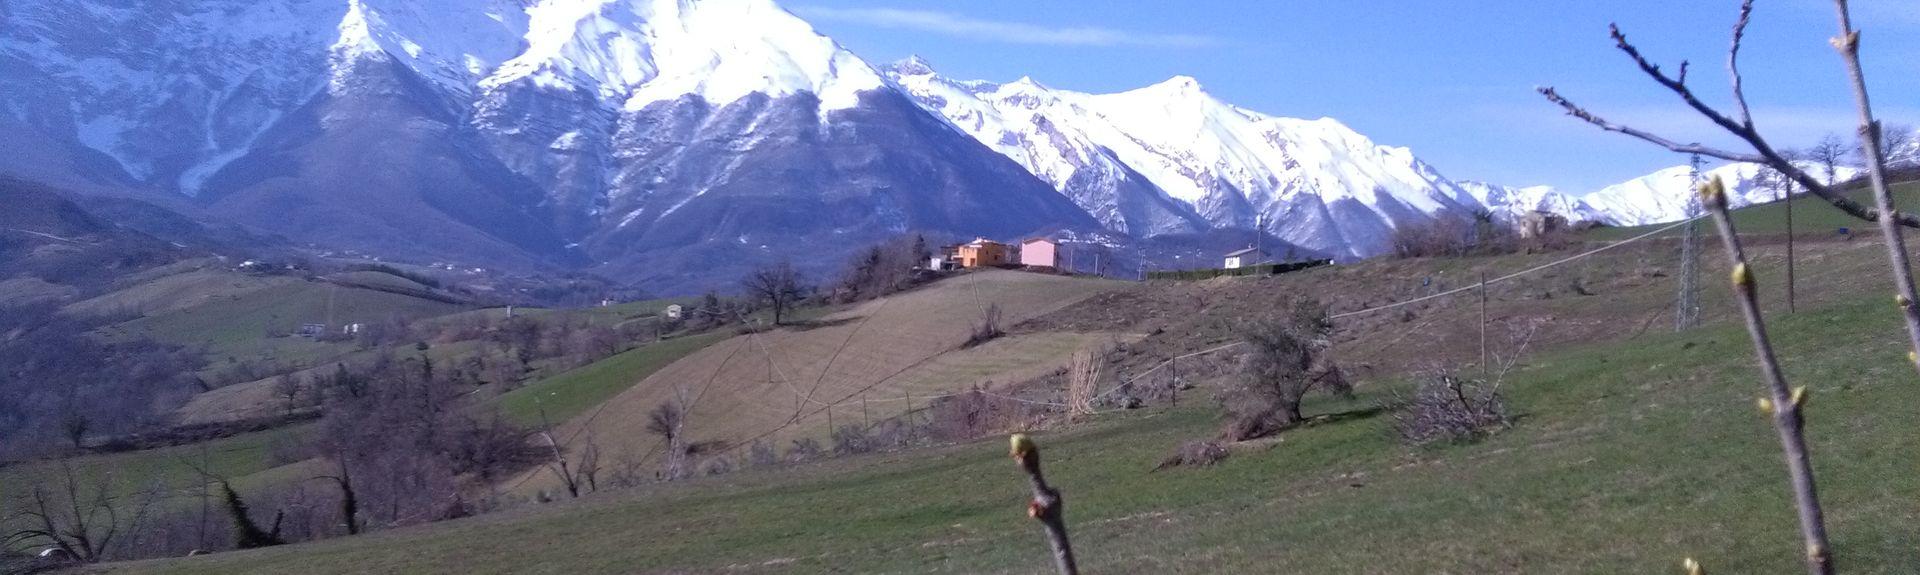 Ofena, Abruzzo, Italy